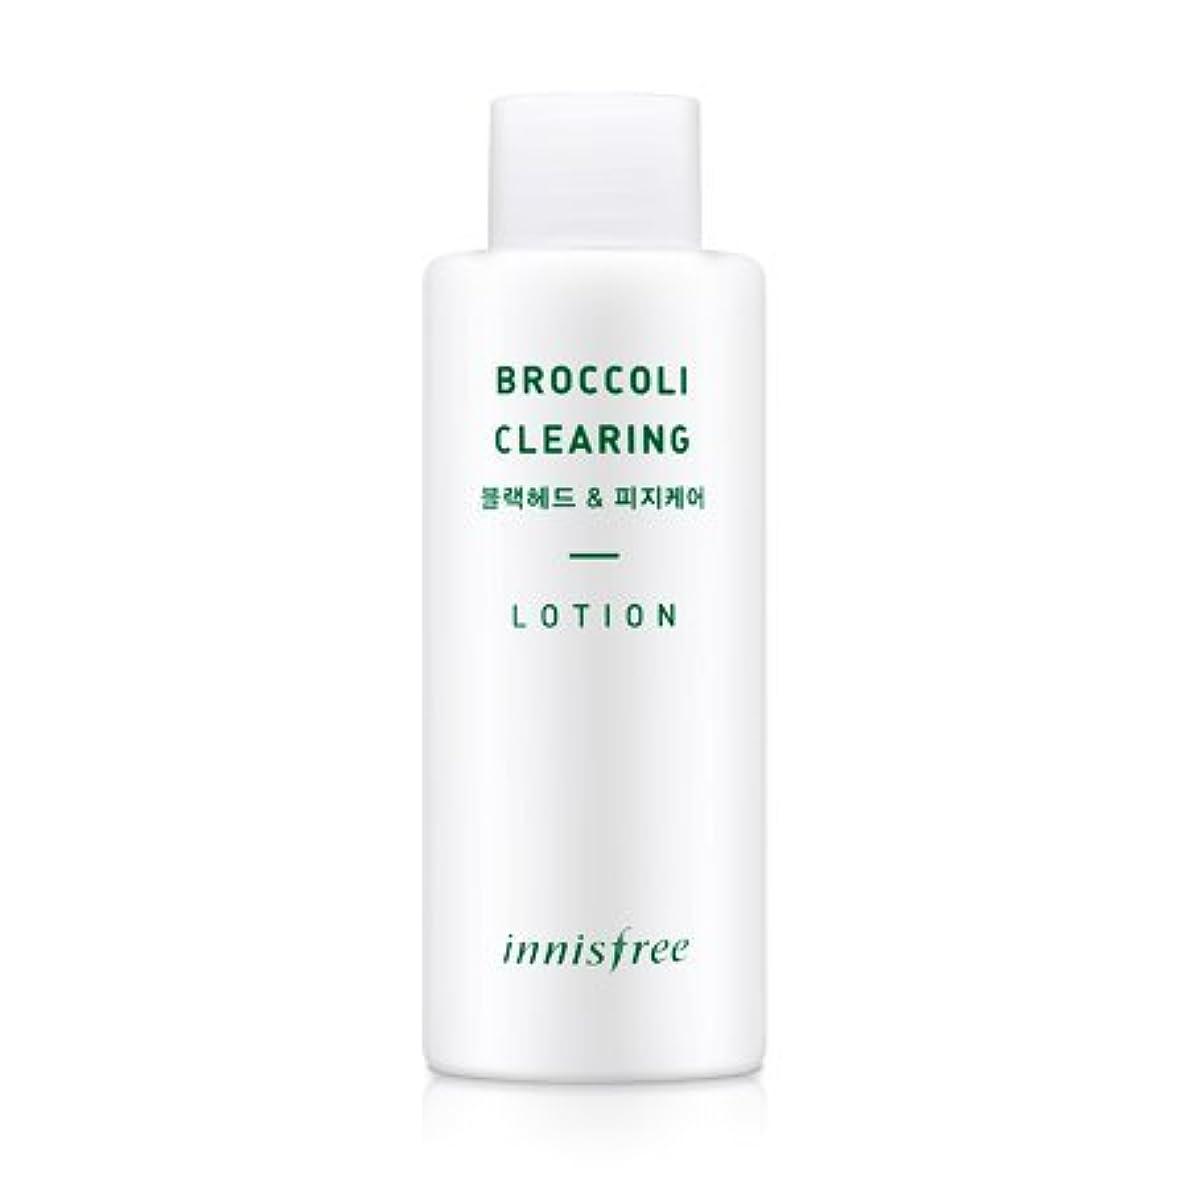 不健全ノーブルバイアス[innisfree(イニスフリー)] Super food_ Broccoli clearing lotion (130ml) スーパーフード_ブロッコリー クリアリング?ローション[並行輸入品][海外直送品]